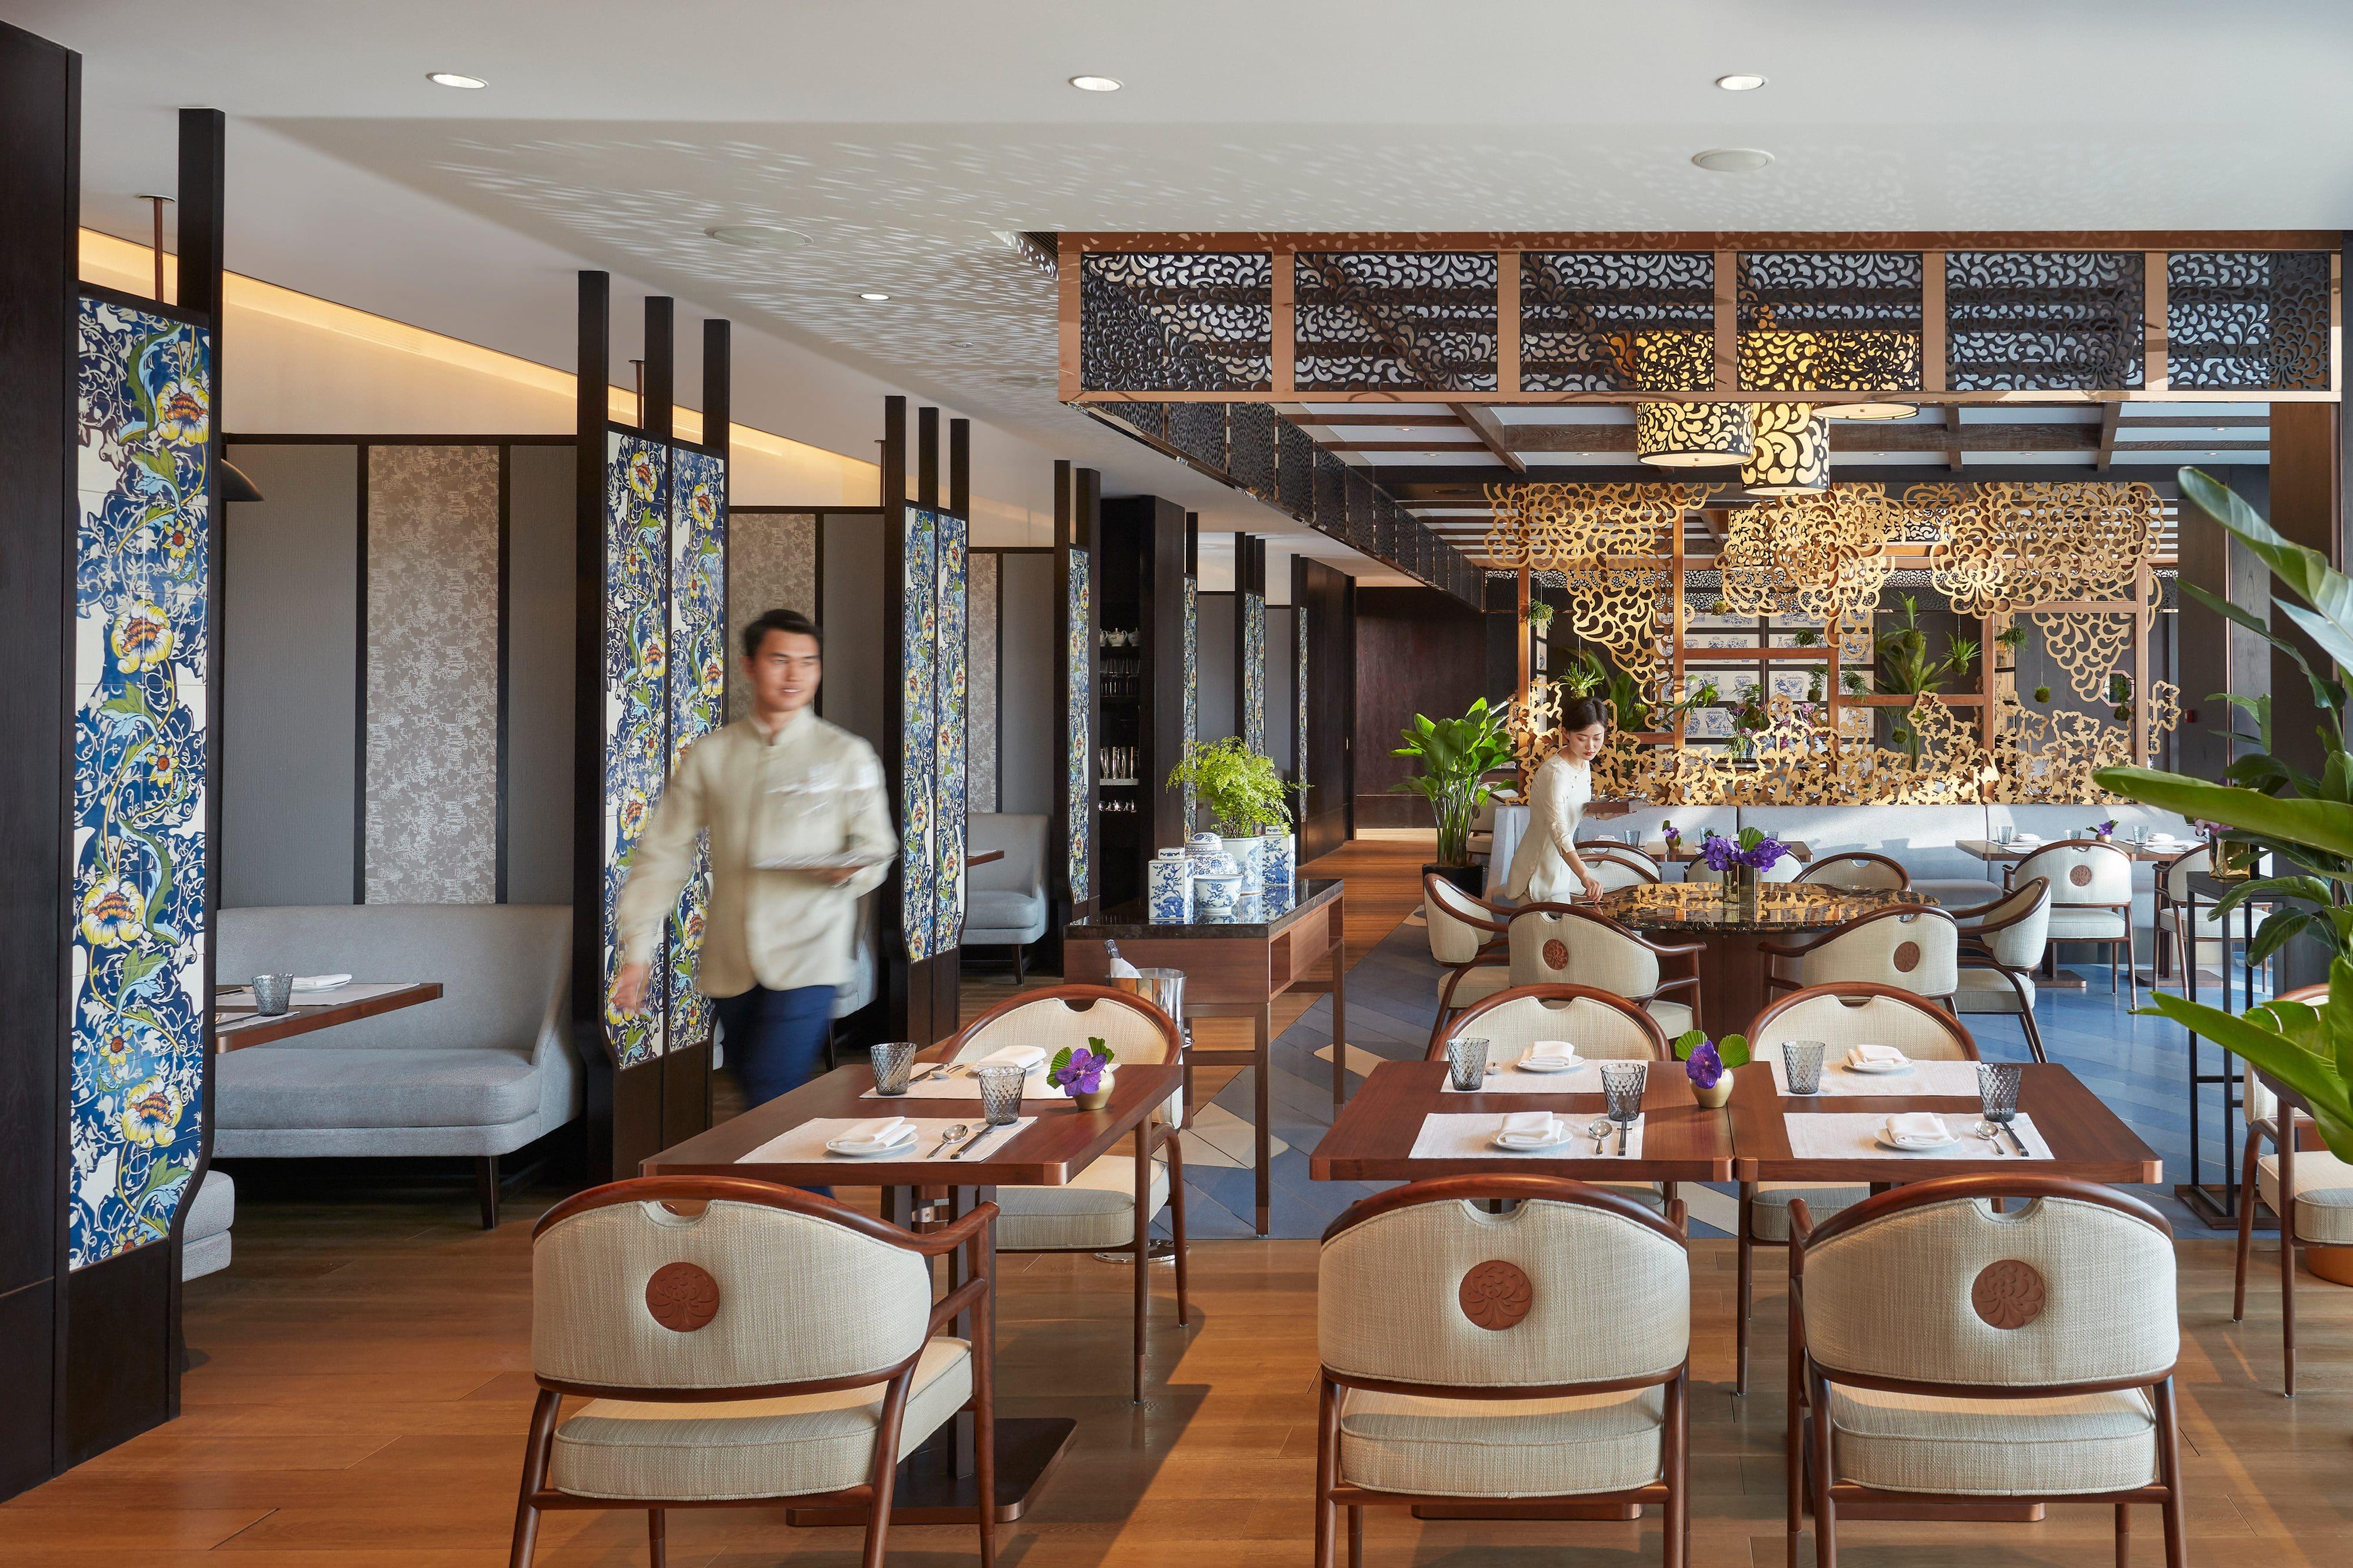 Servers prepare tables at Cafe Zi at MO Wangfujing